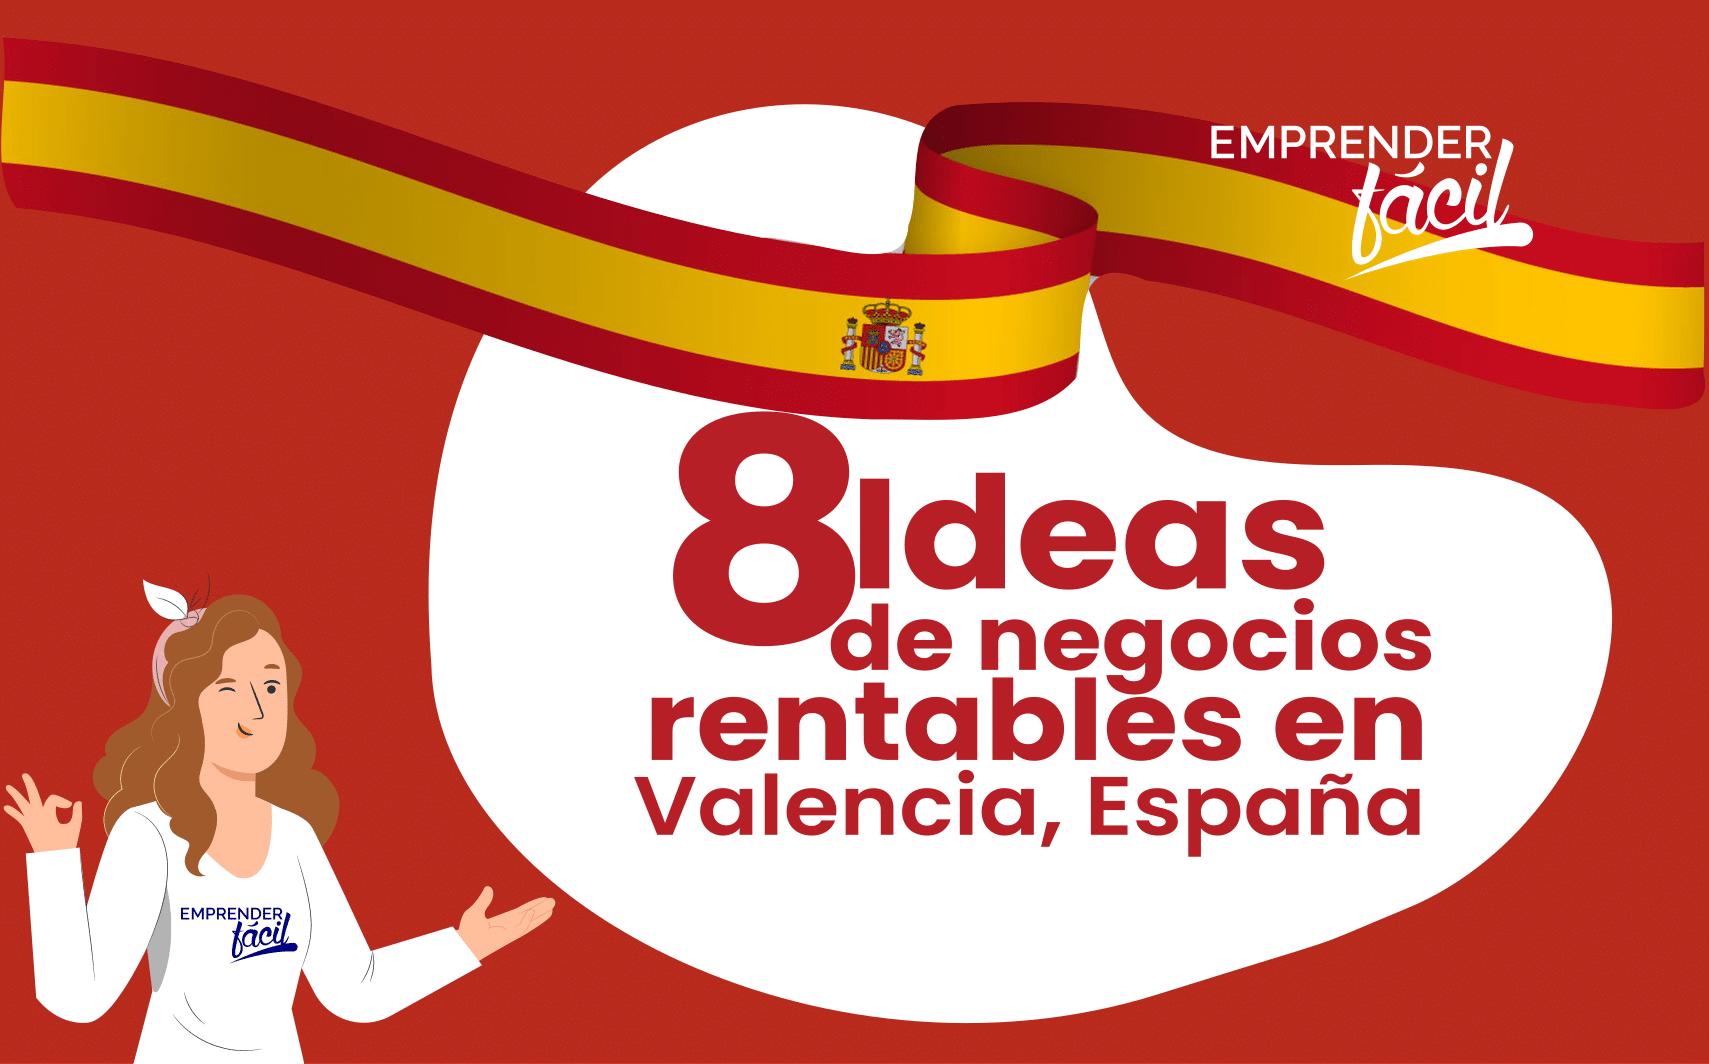 Negocios rentables en Valencia